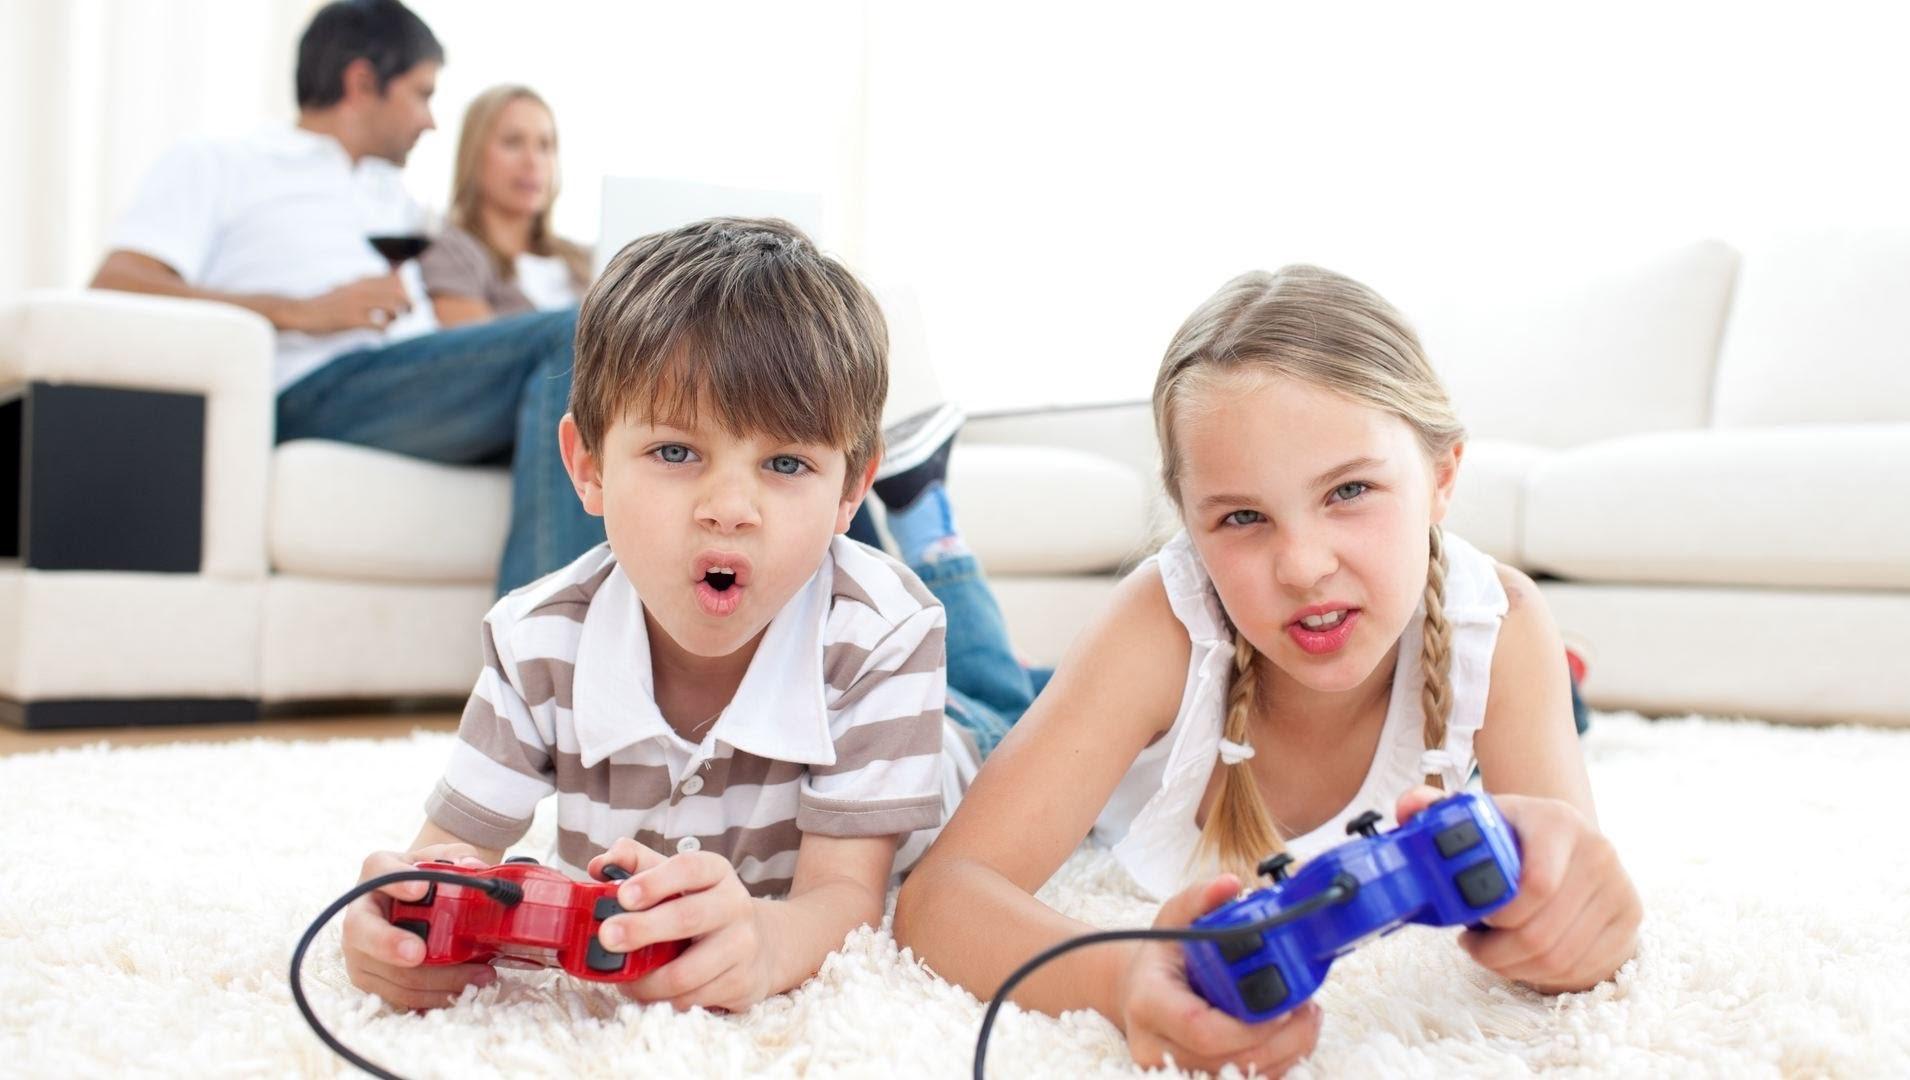 Videohry jako metla lidstva nebo naopak dobrý prostředek pro zábavu a vzdělání?